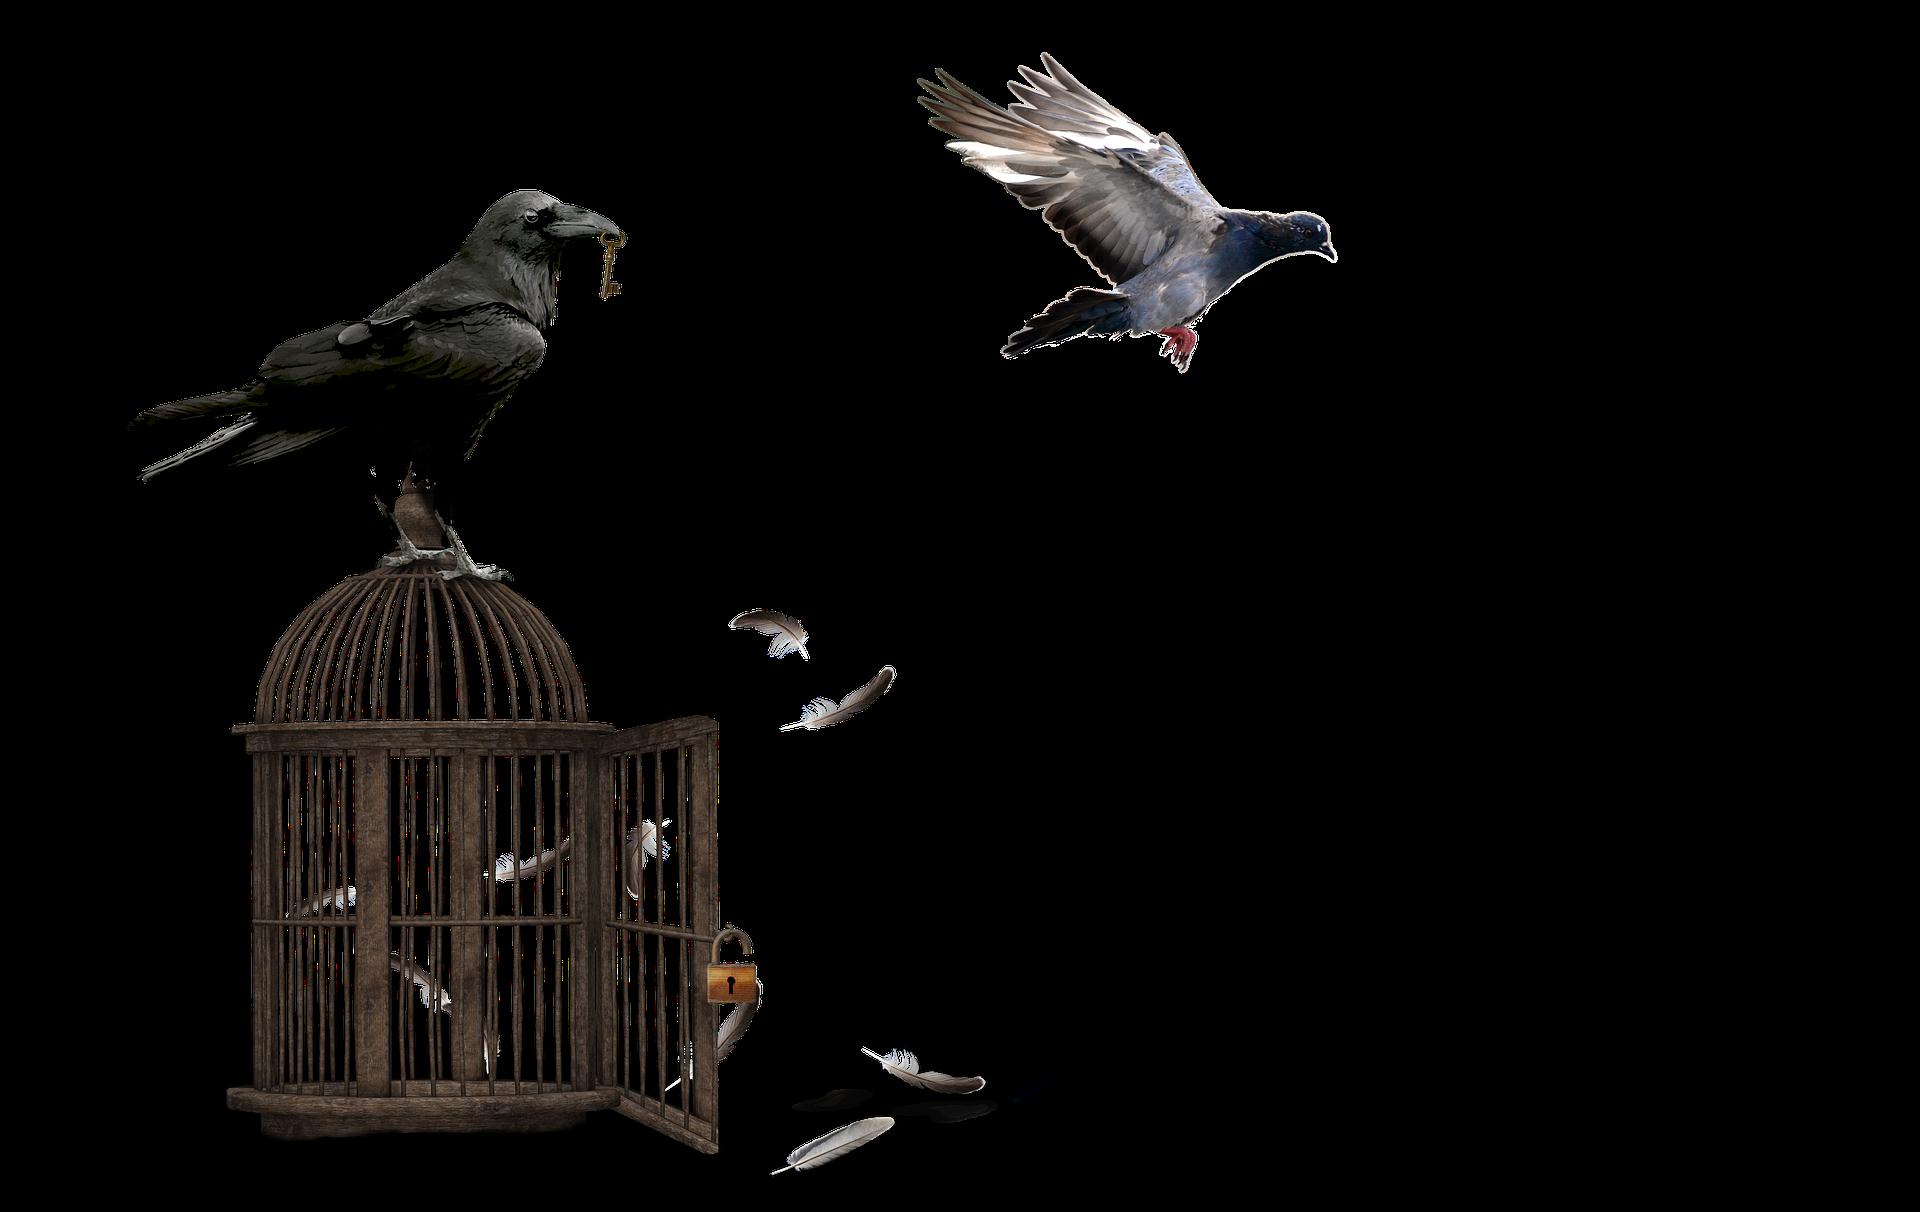 Kärleken till kloka korpar vaknade till liv under ett besök på The Tower of London, hemvist för heliga korpar sedan hundratals år   Bild av    Marianne Sopala    från    Pixabay